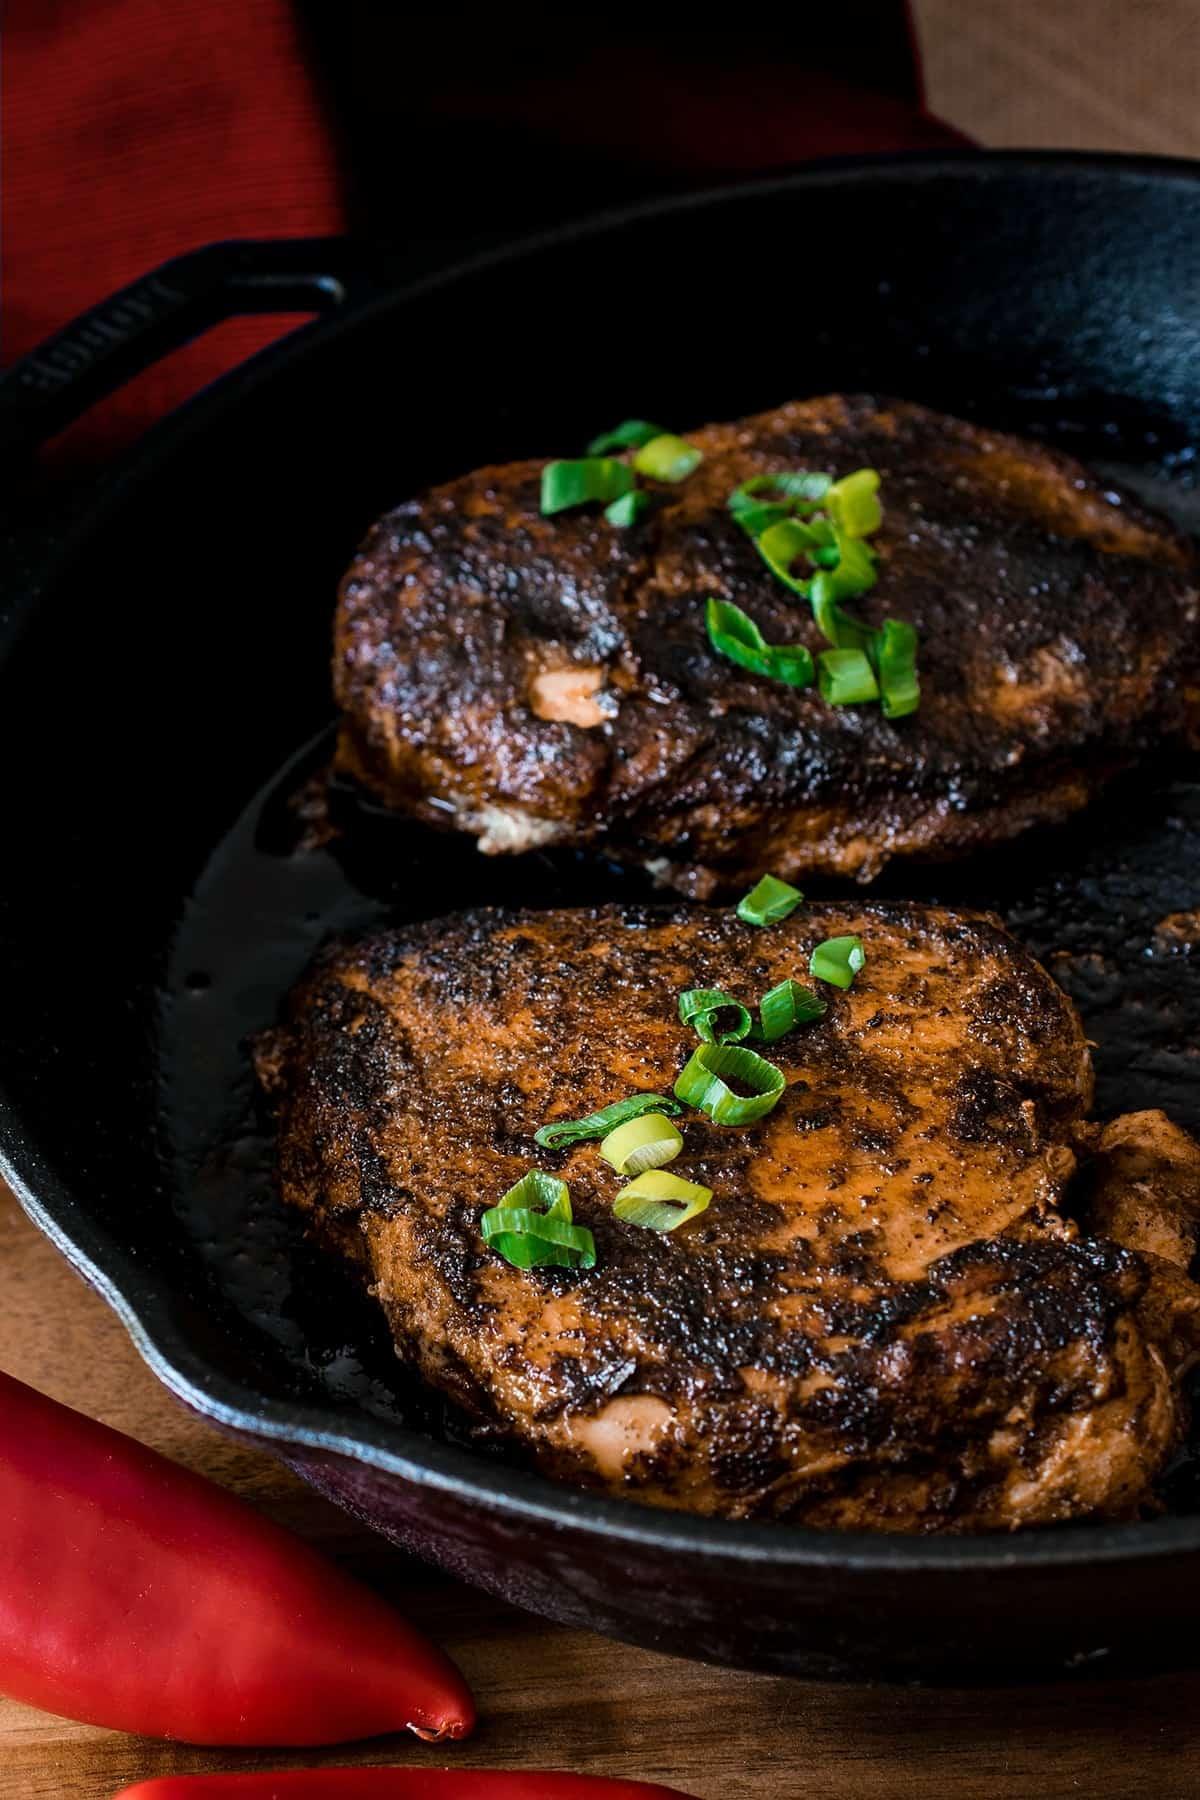 Cajun Blackened Chicken with garnish in a skillet.